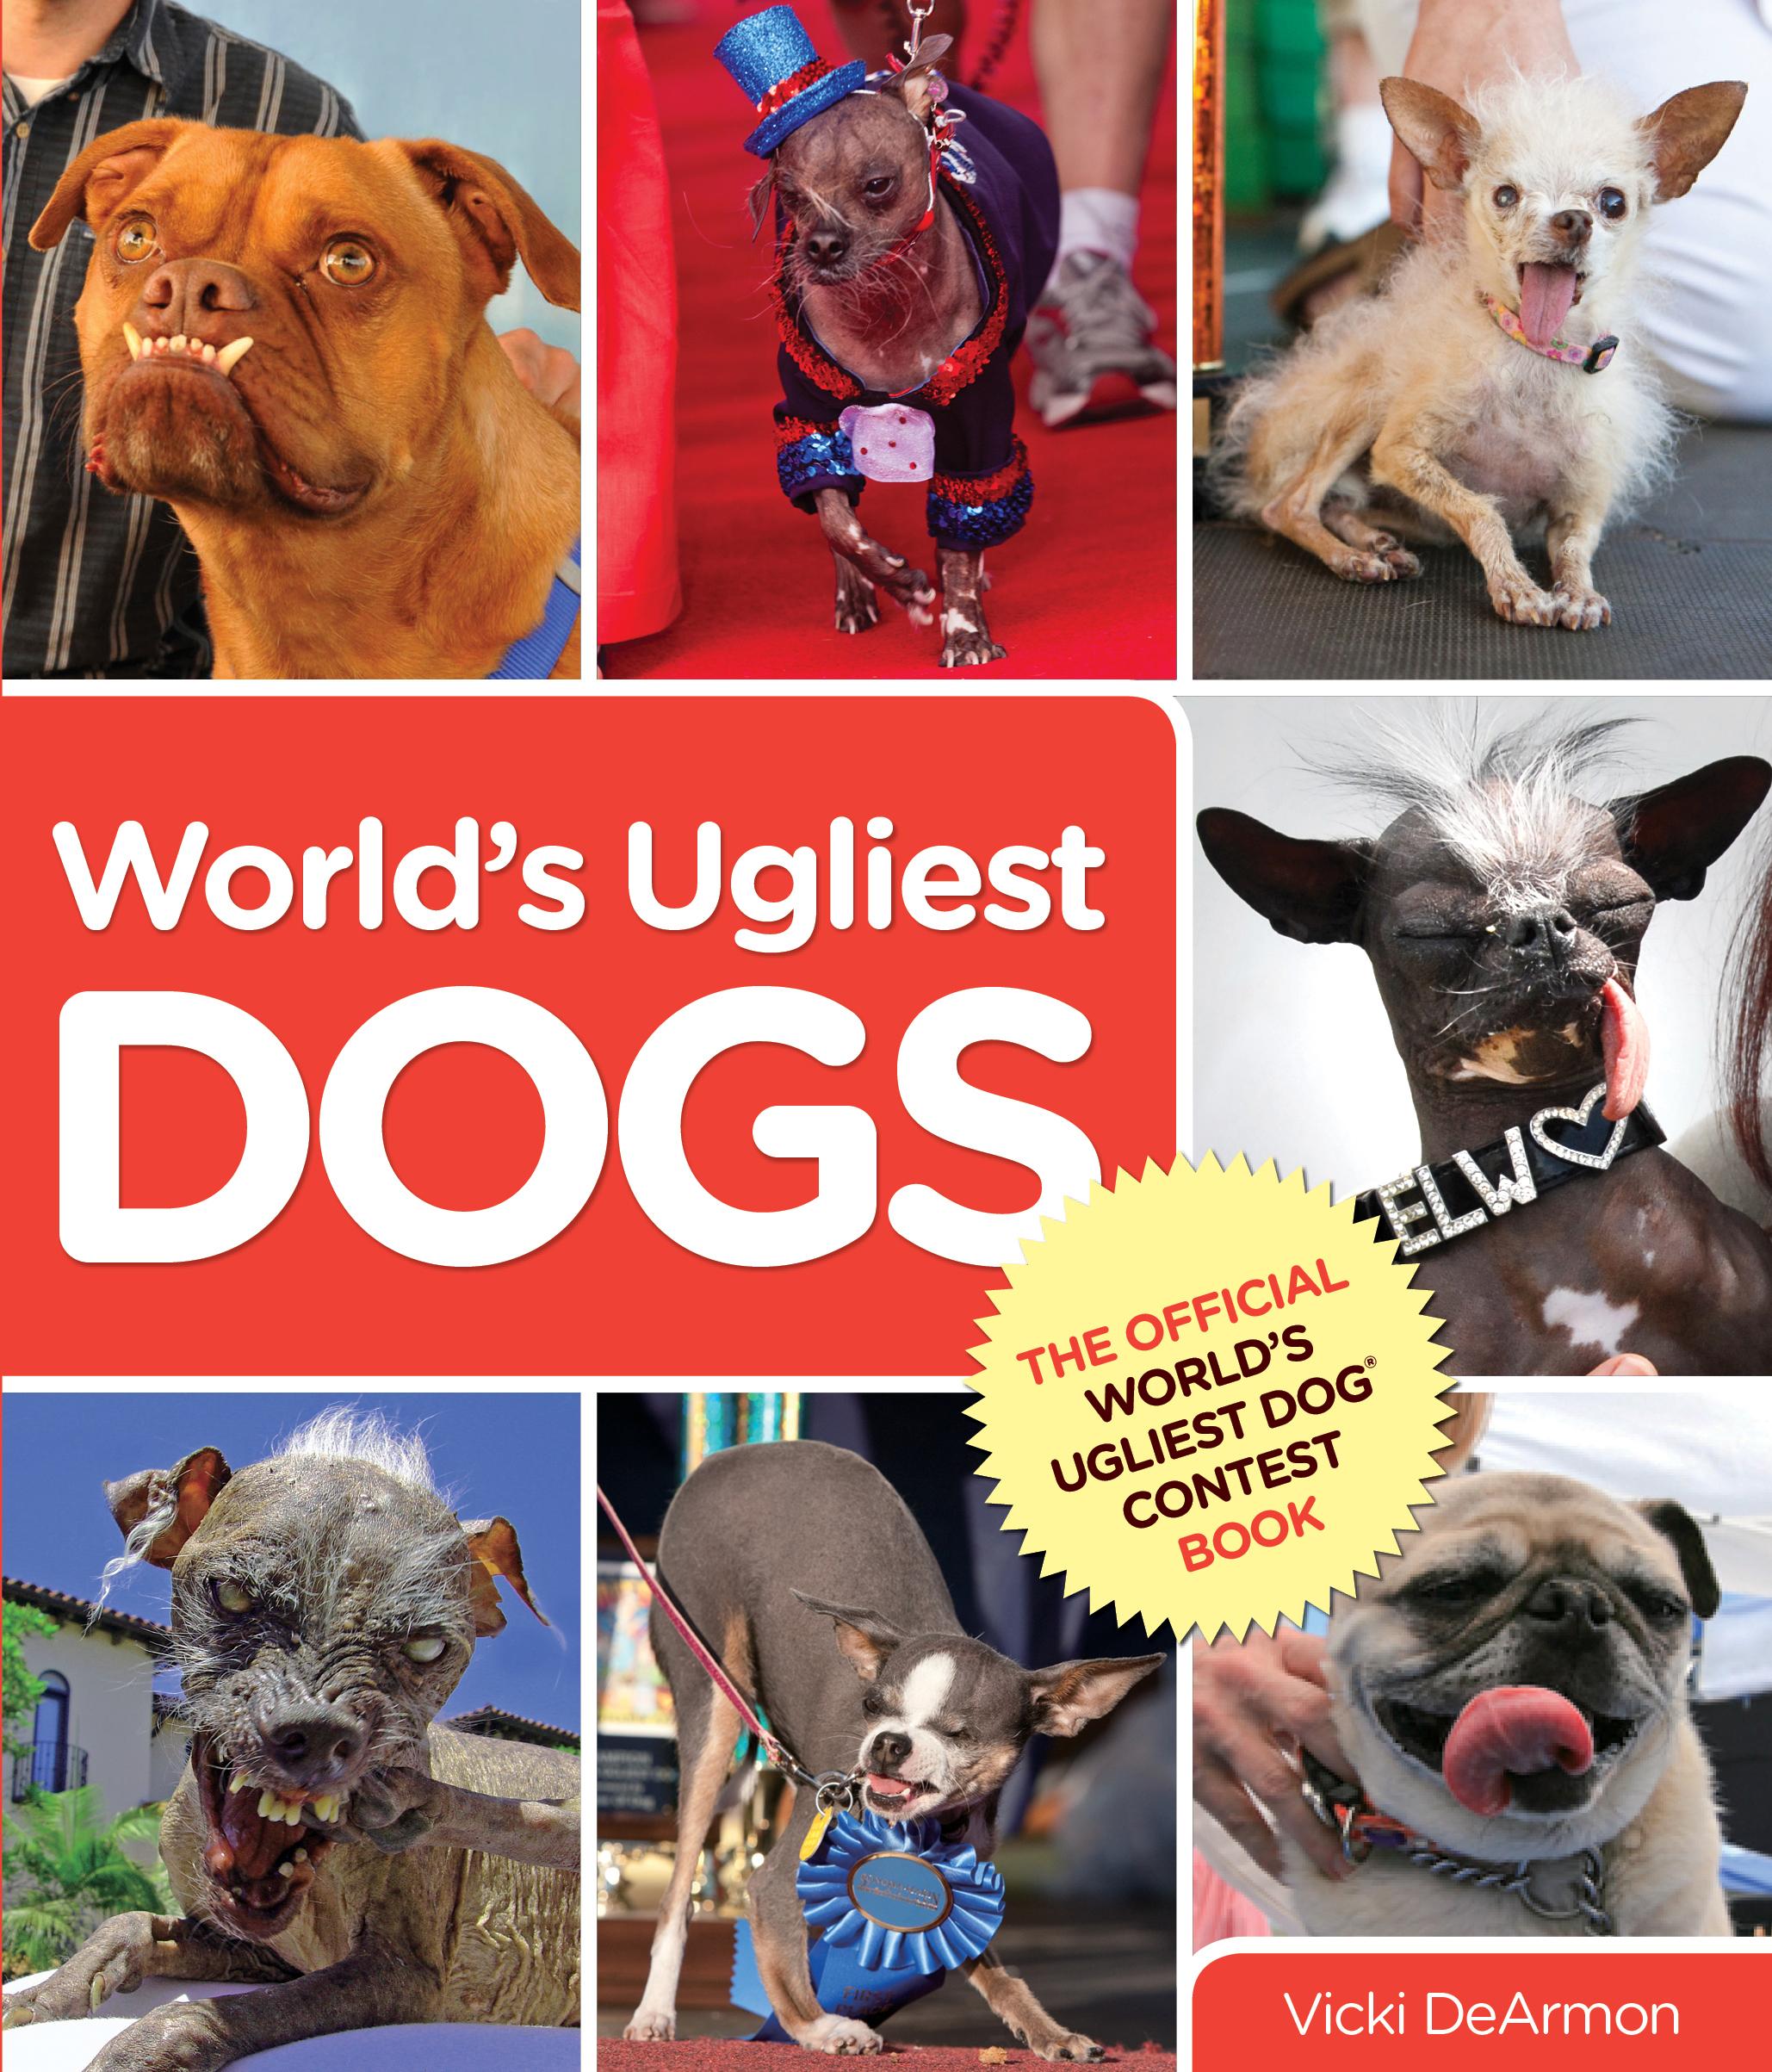 Ein hässlicher Hund - das Buch